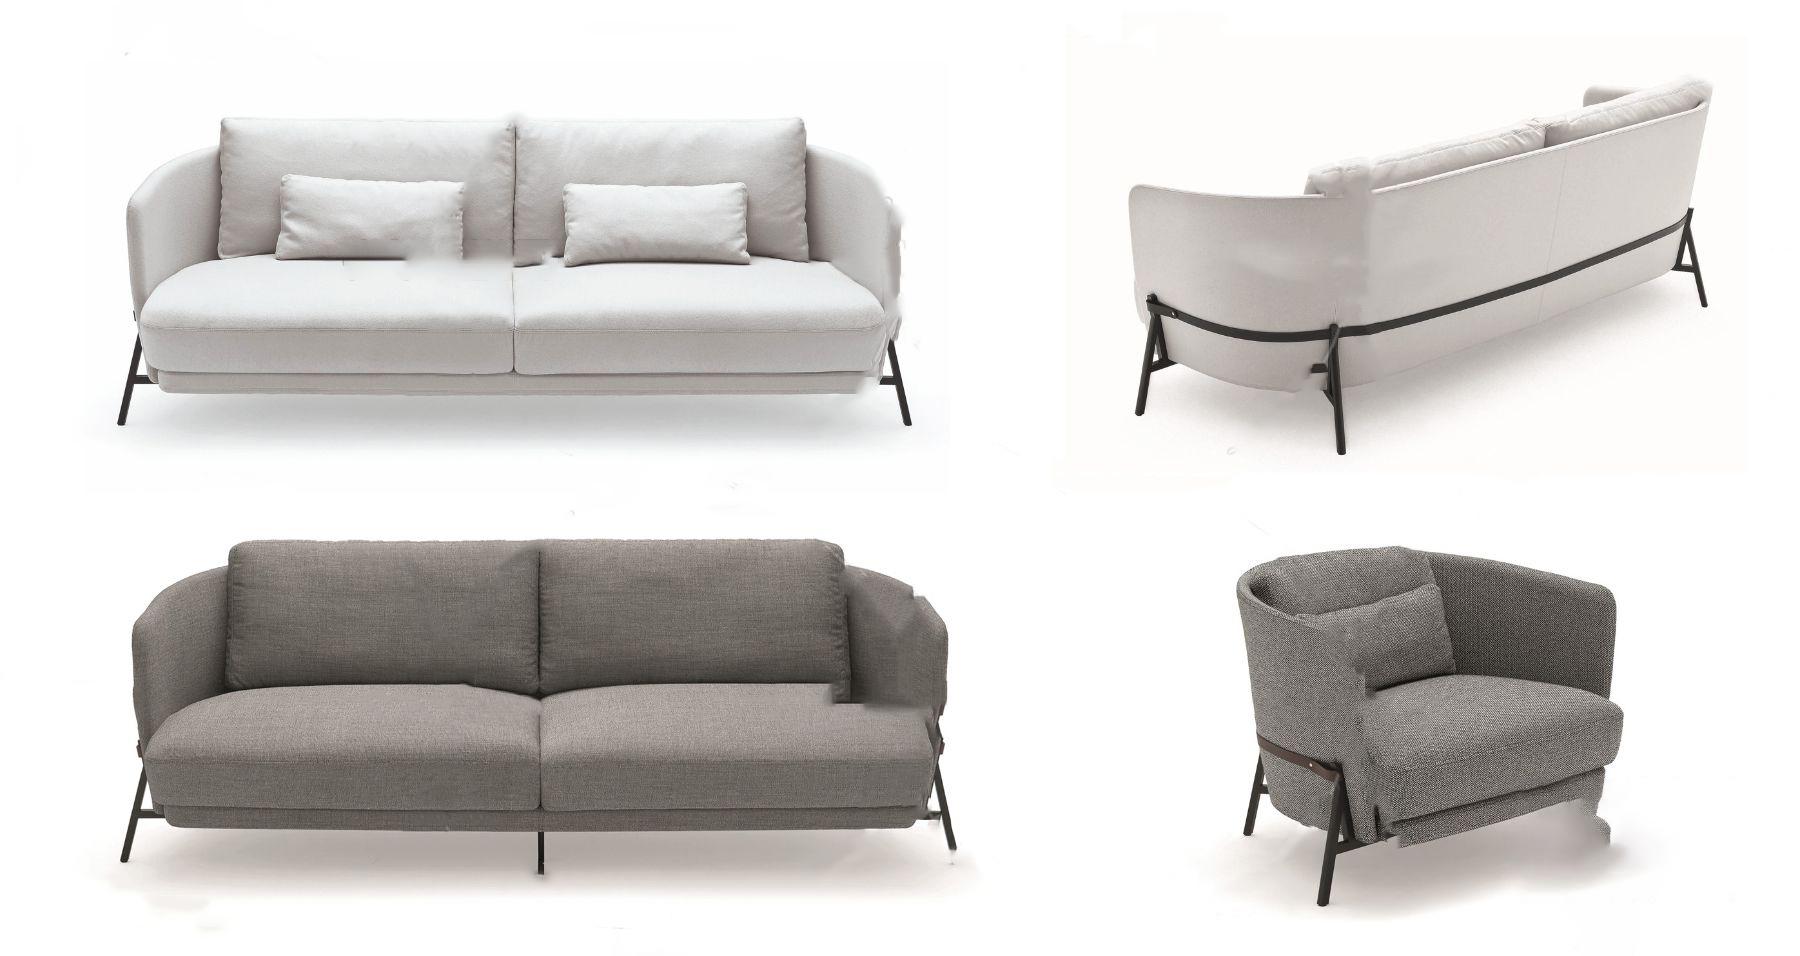 现代?#23478;?#21452;人沙发3D模型【ID:643349533】